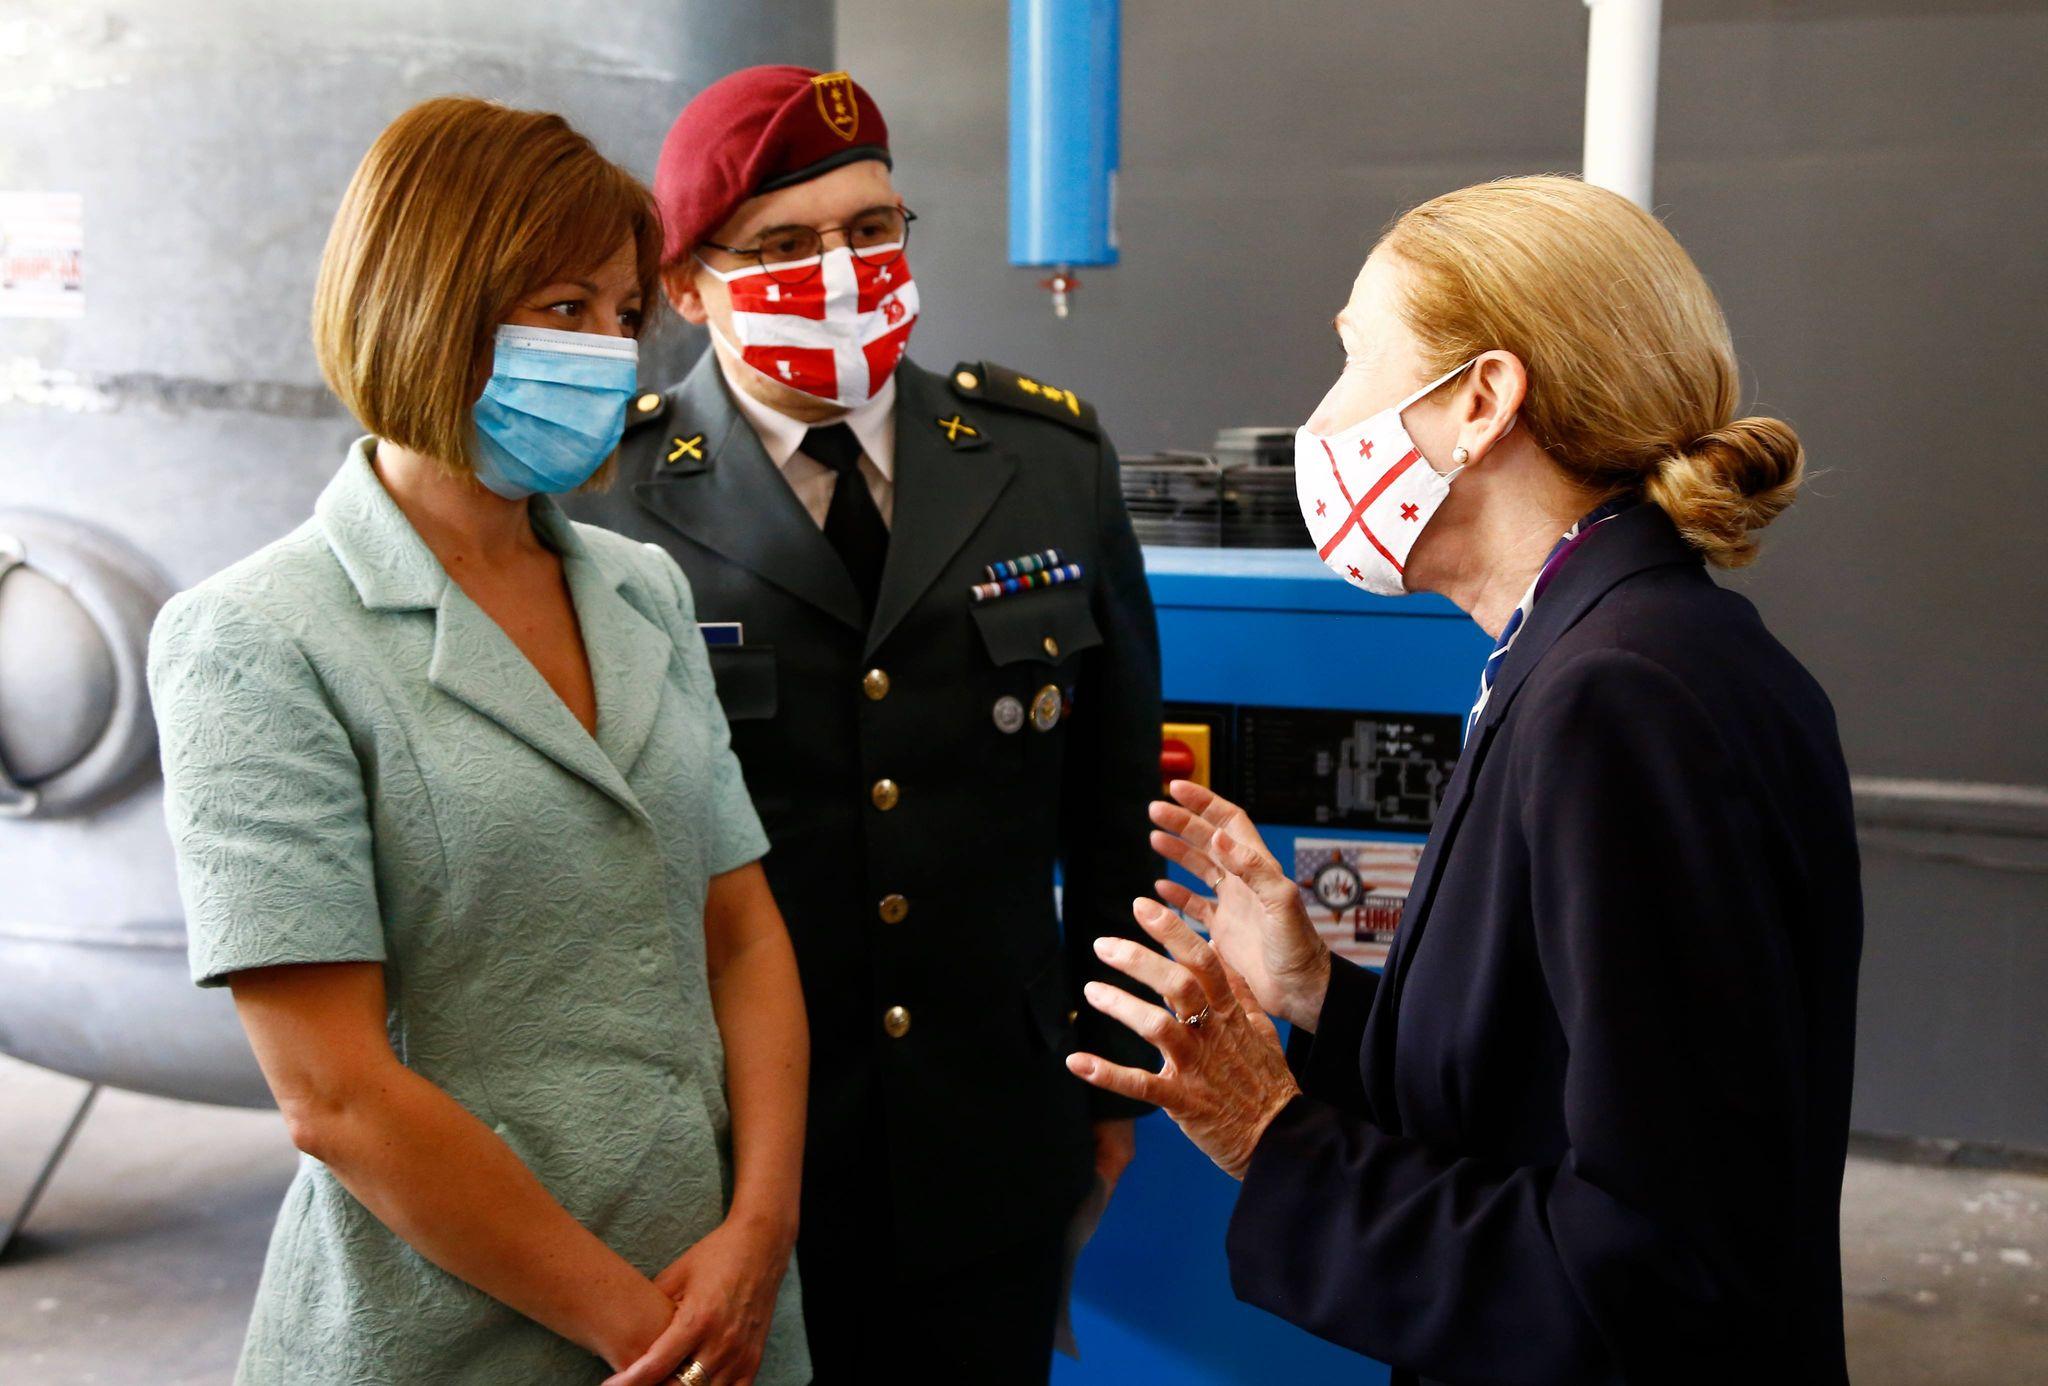 აშშ-მ რესპუბლიკურ საავადმყოფოს ჟანგბადის მაგენერირებელი აღჭურვილობა გადასცა